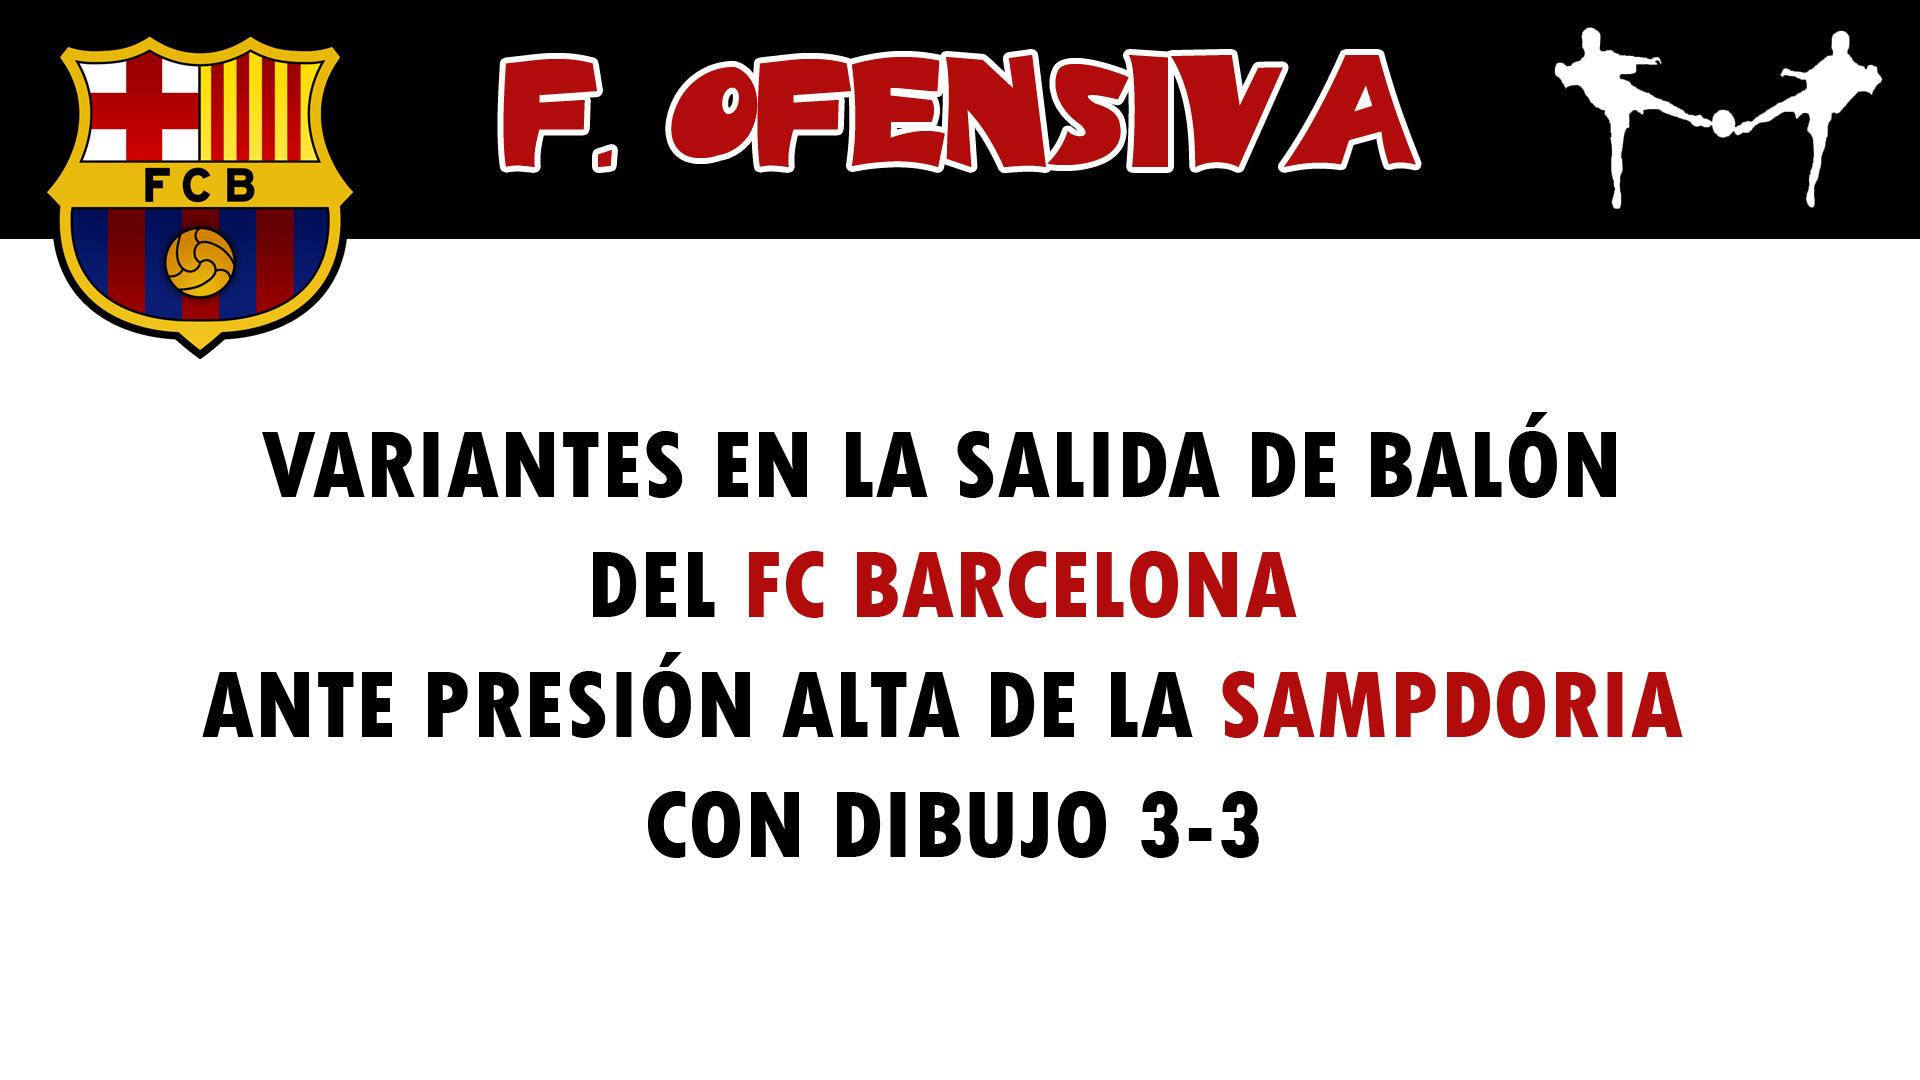 futbolcarrasco analisis tactico fc barcelona luis enrique